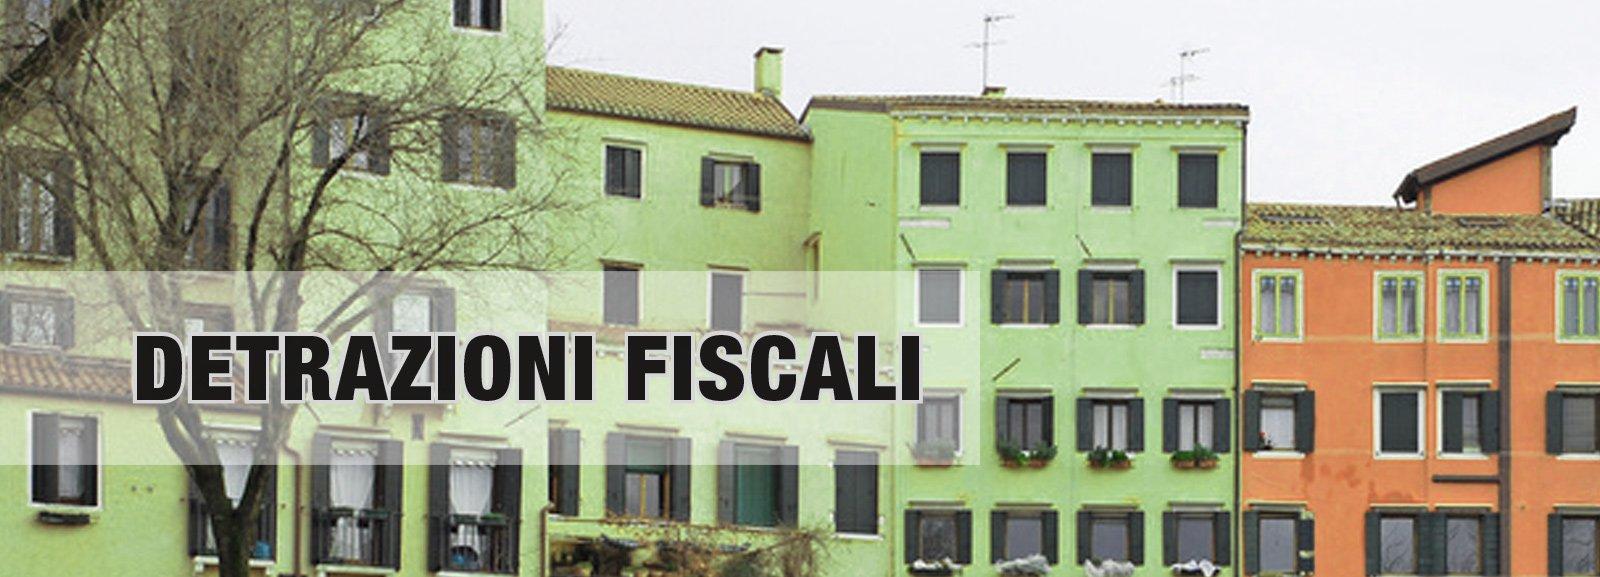 Detrazioni fiscali s o no il commercialista risponde cose di casa - Detrazioni fiscali ristrutturazione seconda casa ...